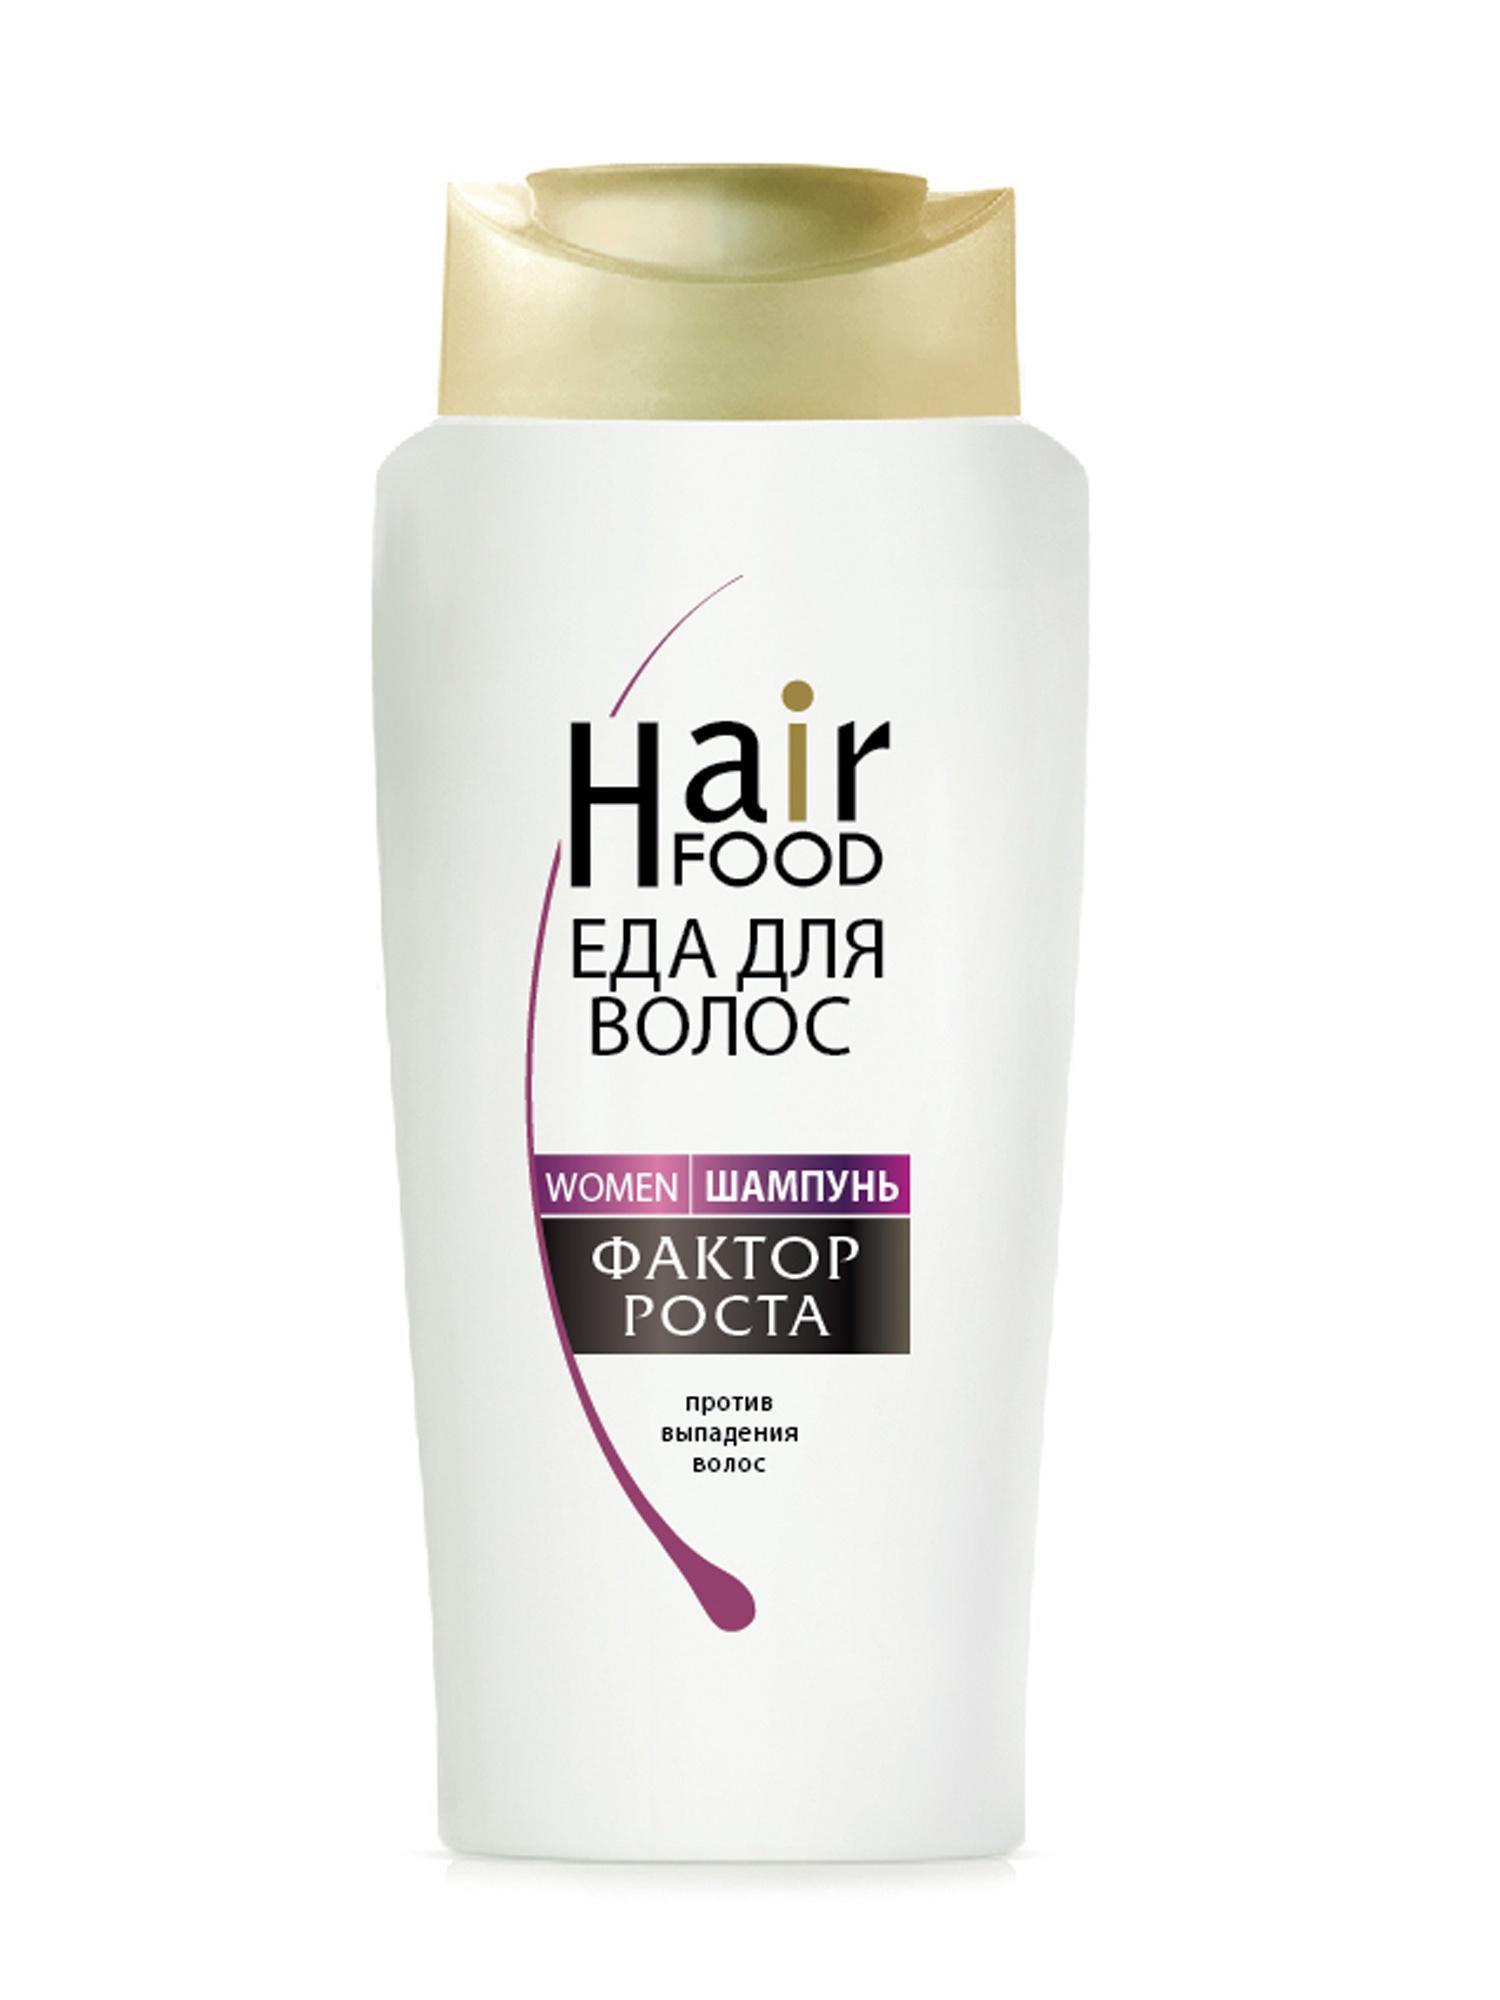 Шампунь HairFood WOMEN Фактор роста, 400 мл средство для лечения кожи головы и волос hairfood дневной фиксатор густоты men medium 7 5